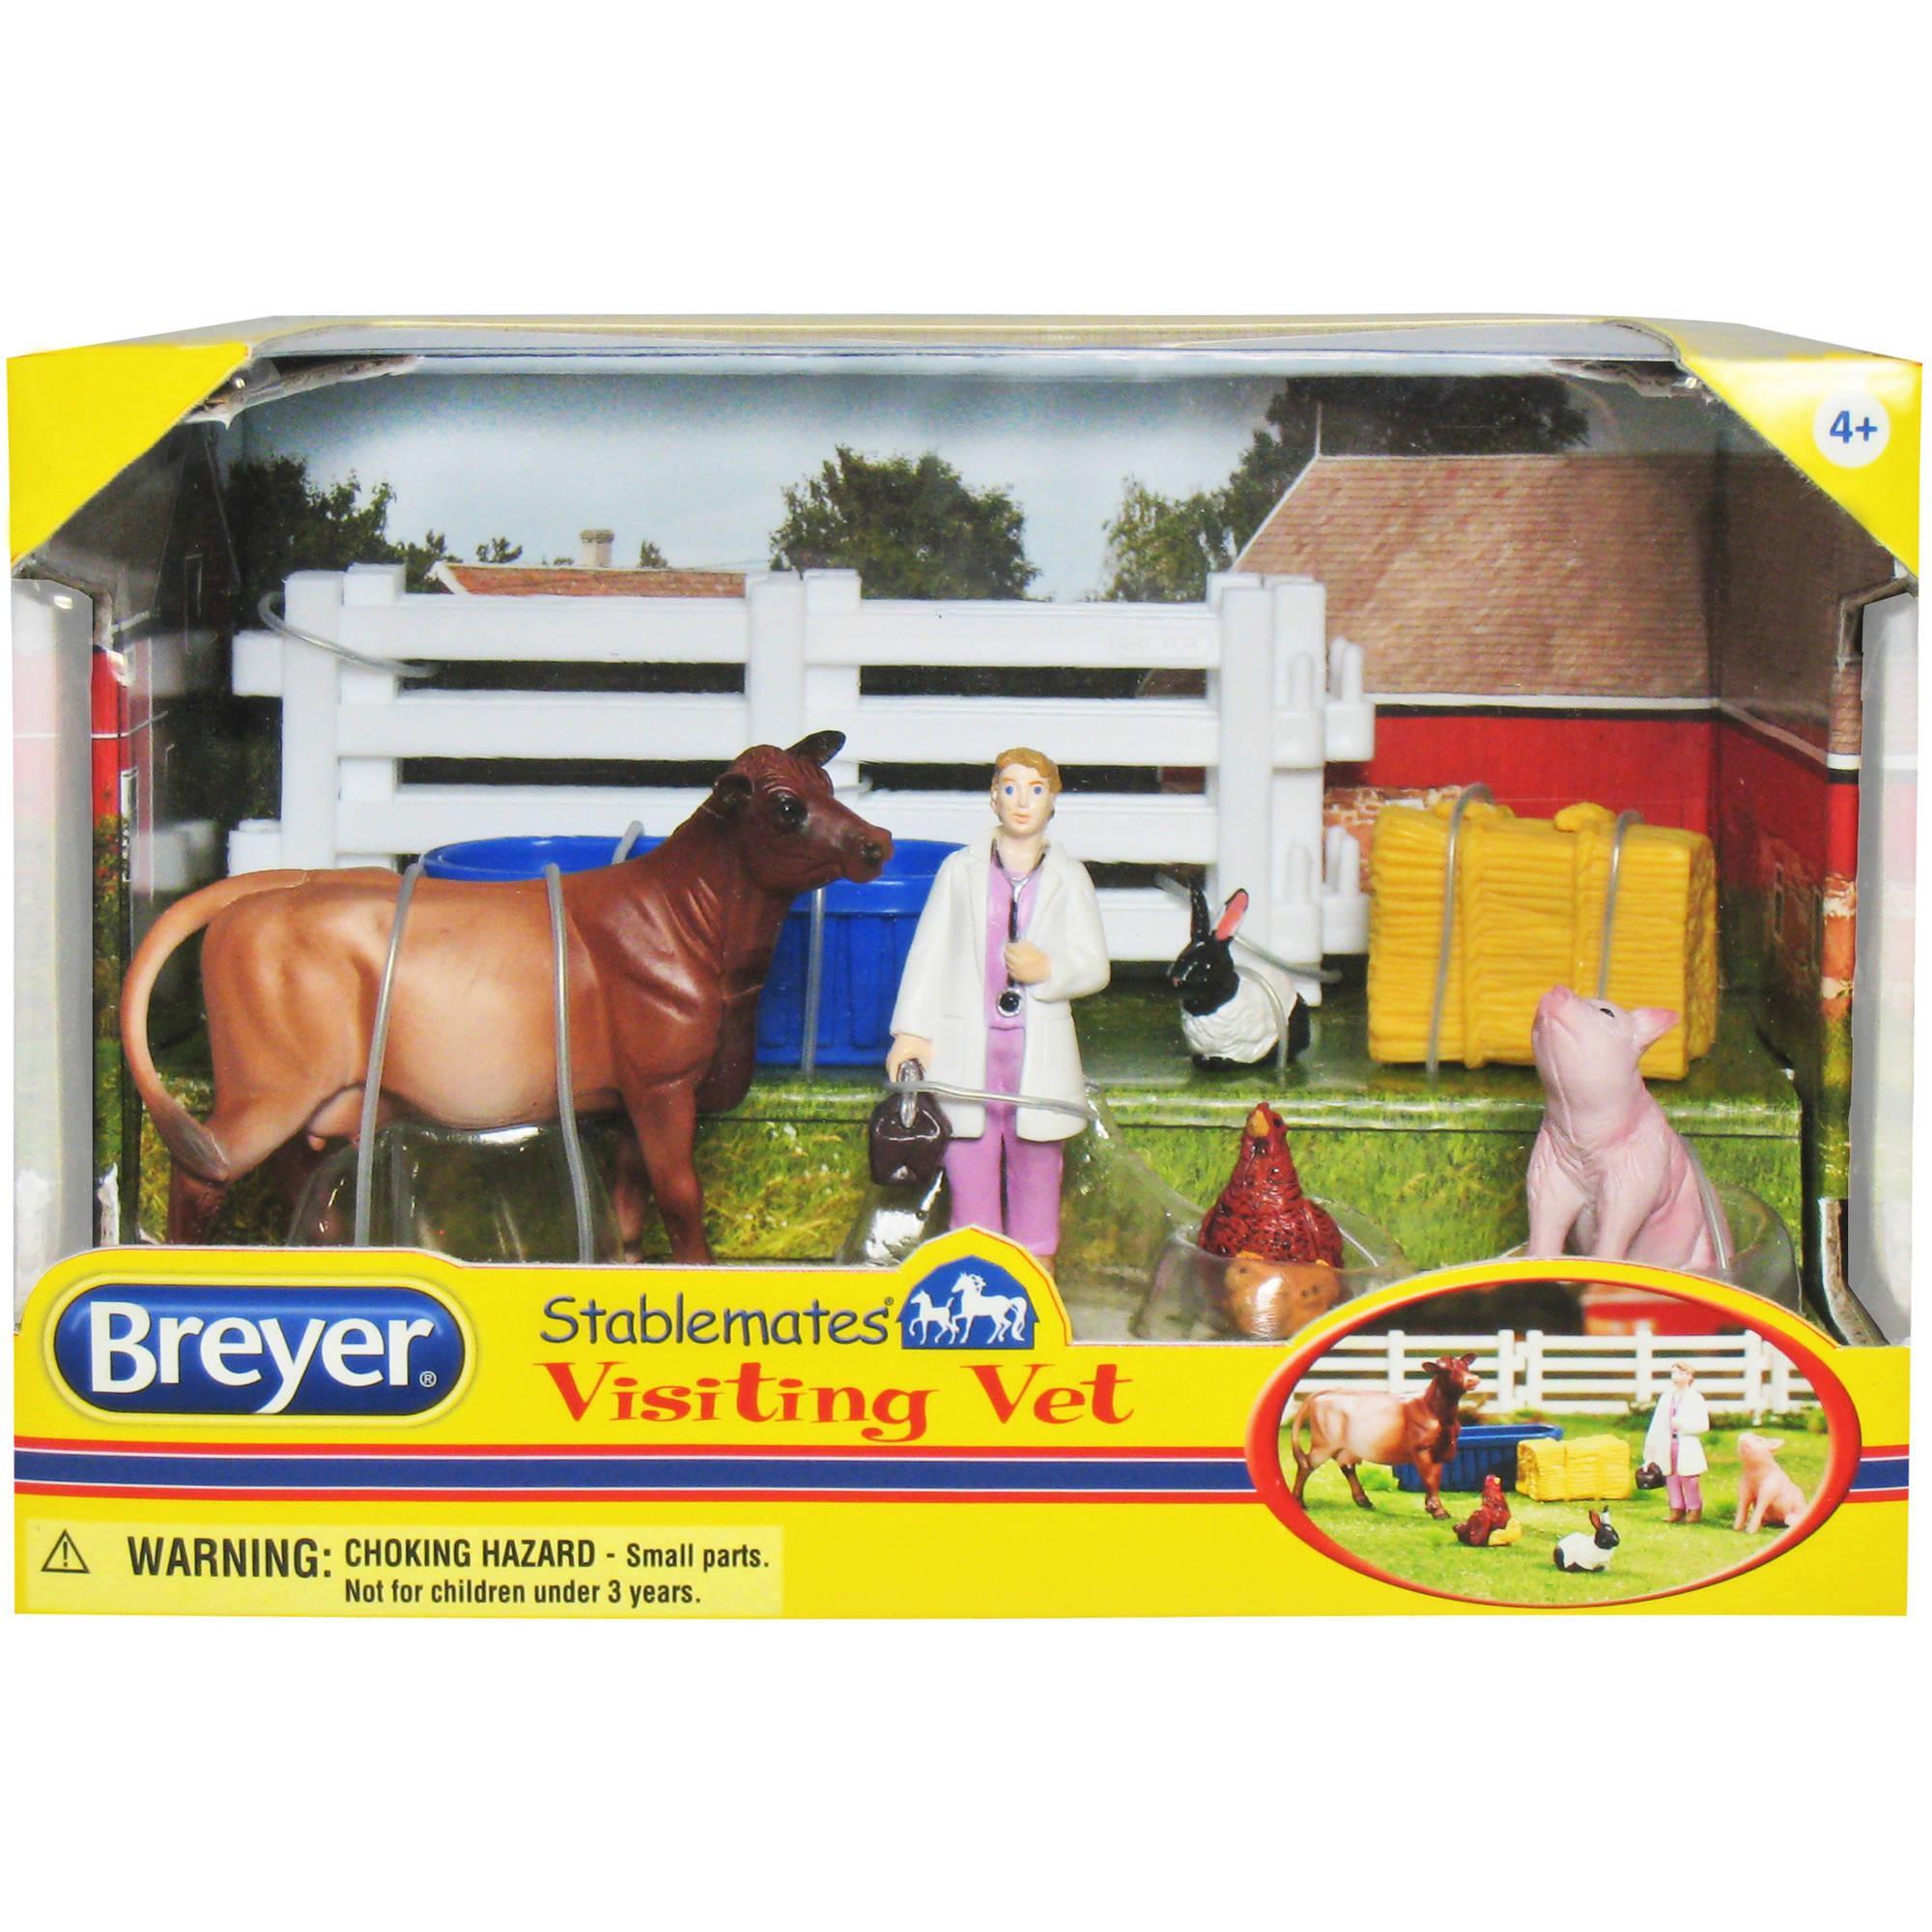 Kit Stablemates Veterinária com Animais da Fazenda Breyer